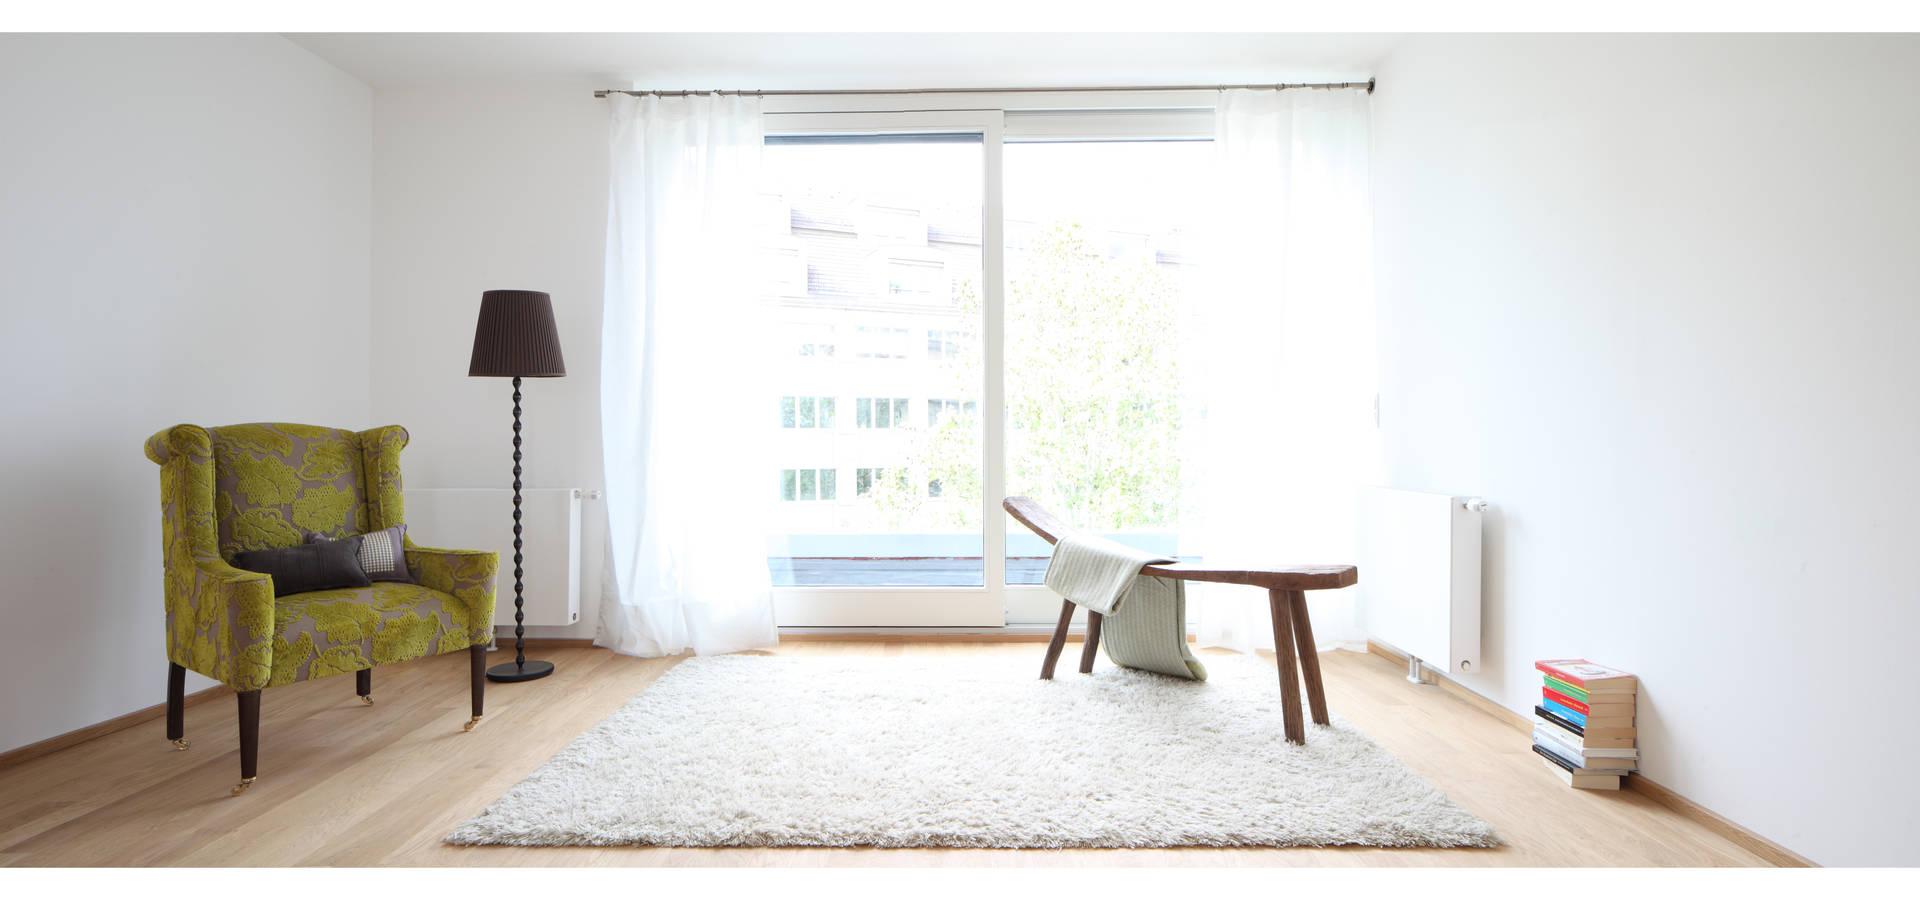 gardinen ohne bohren great fenster mit gardinen dekorieren fenster dekorieren ohne gardinen. Black Bedroom Furniture Sets. Home Design Ideas